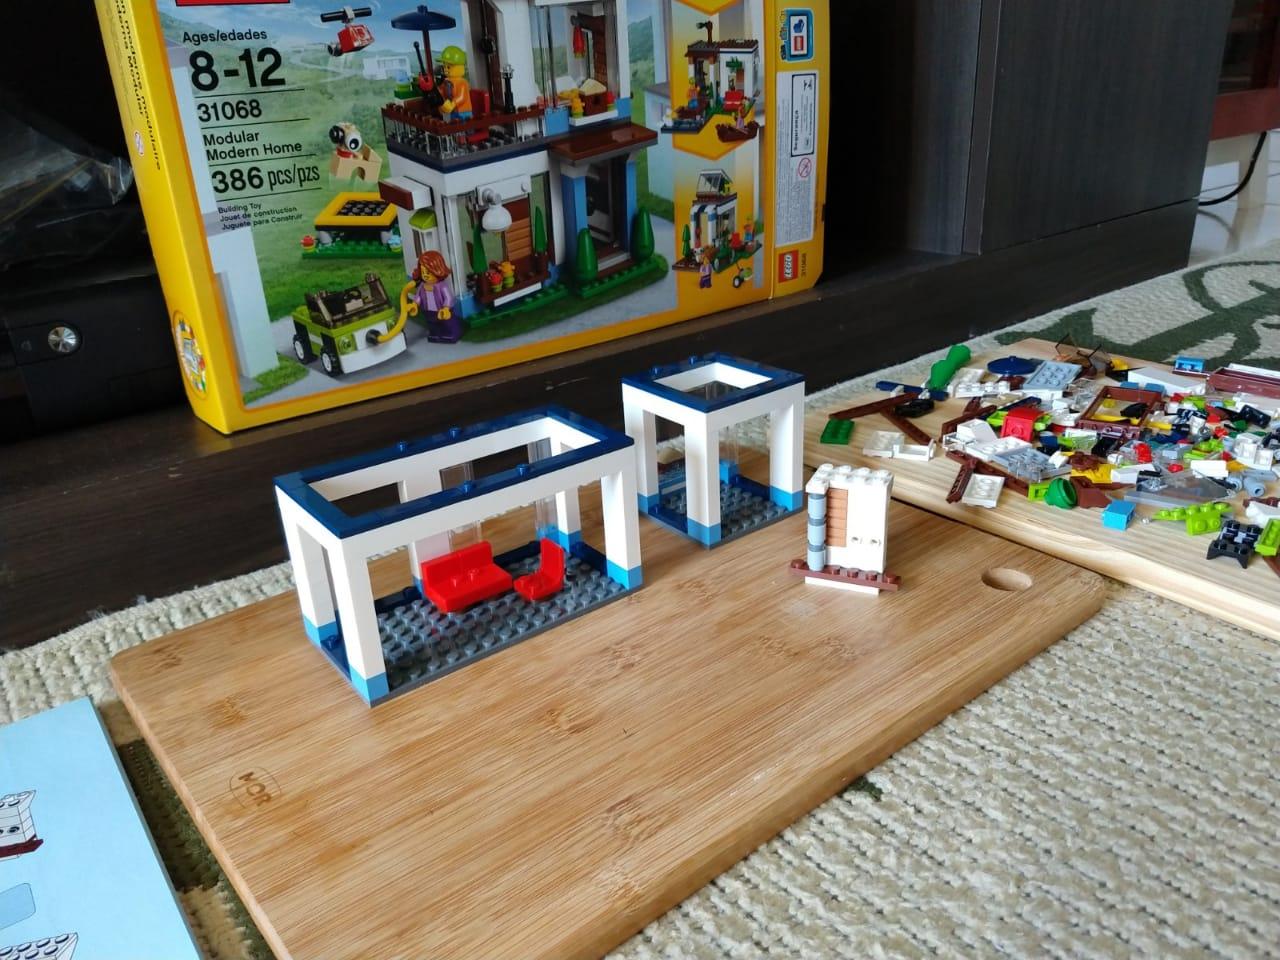 lego modular home 3